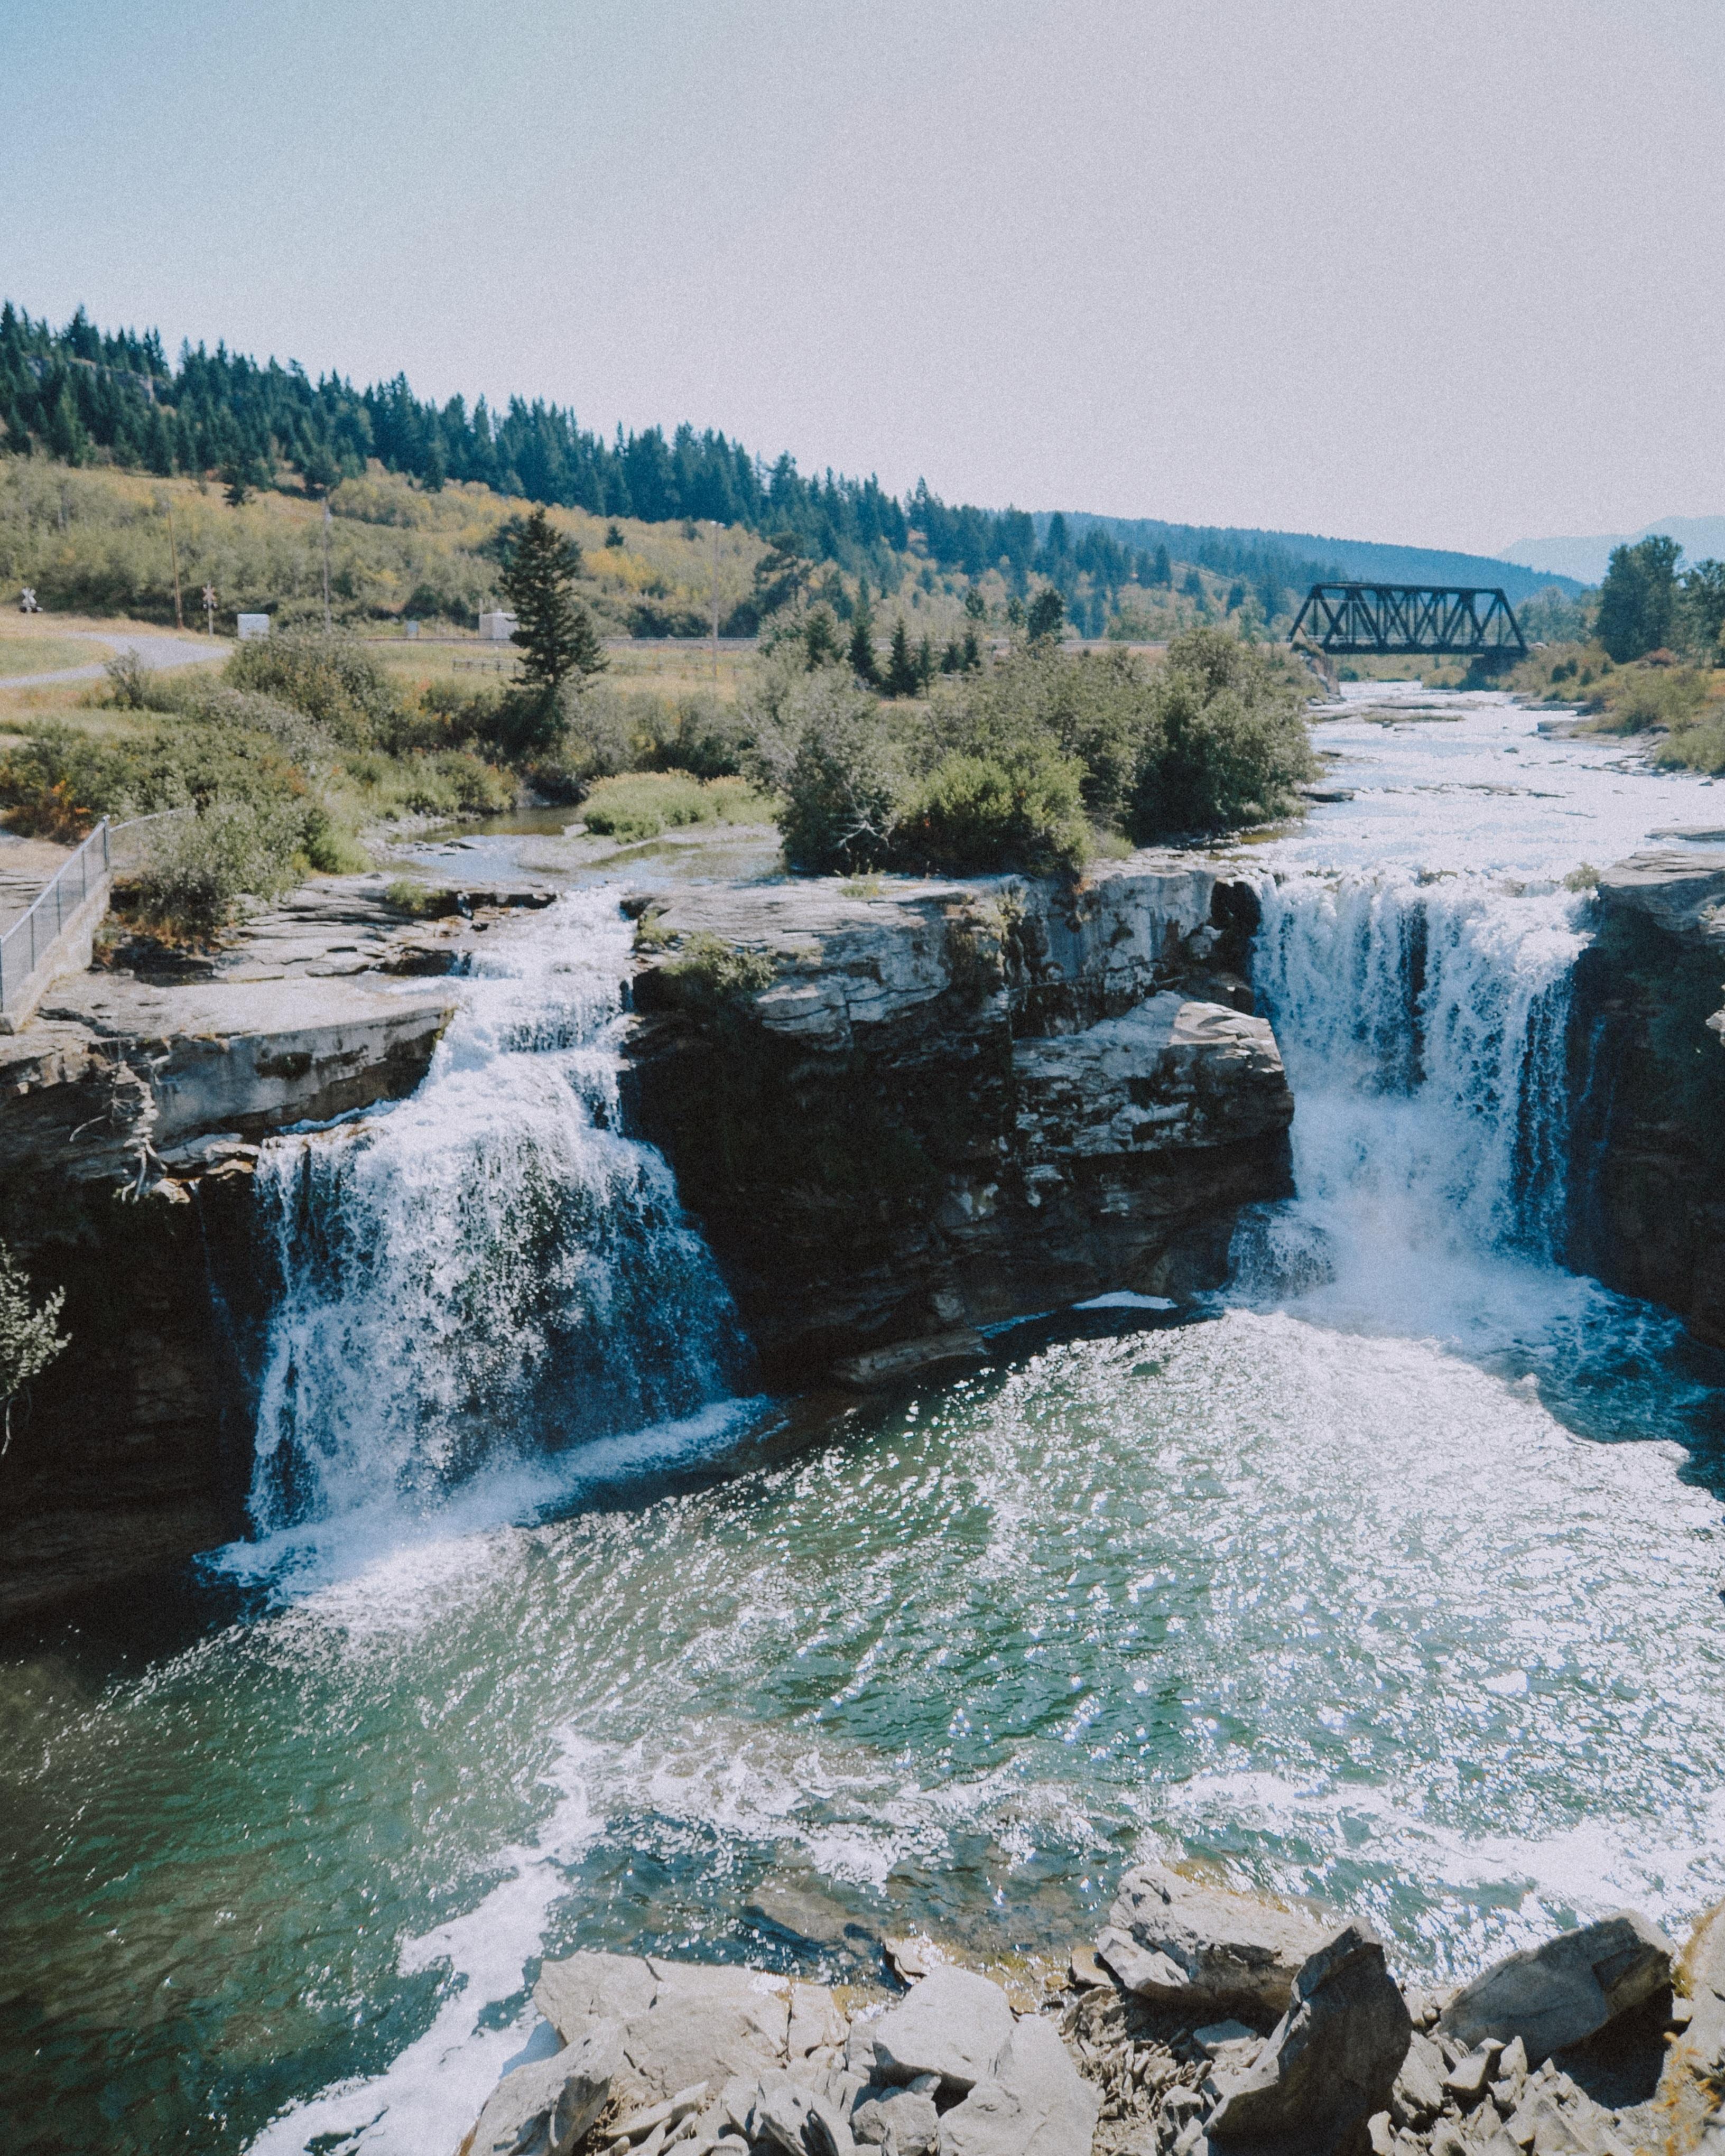 waterfalls on mountain